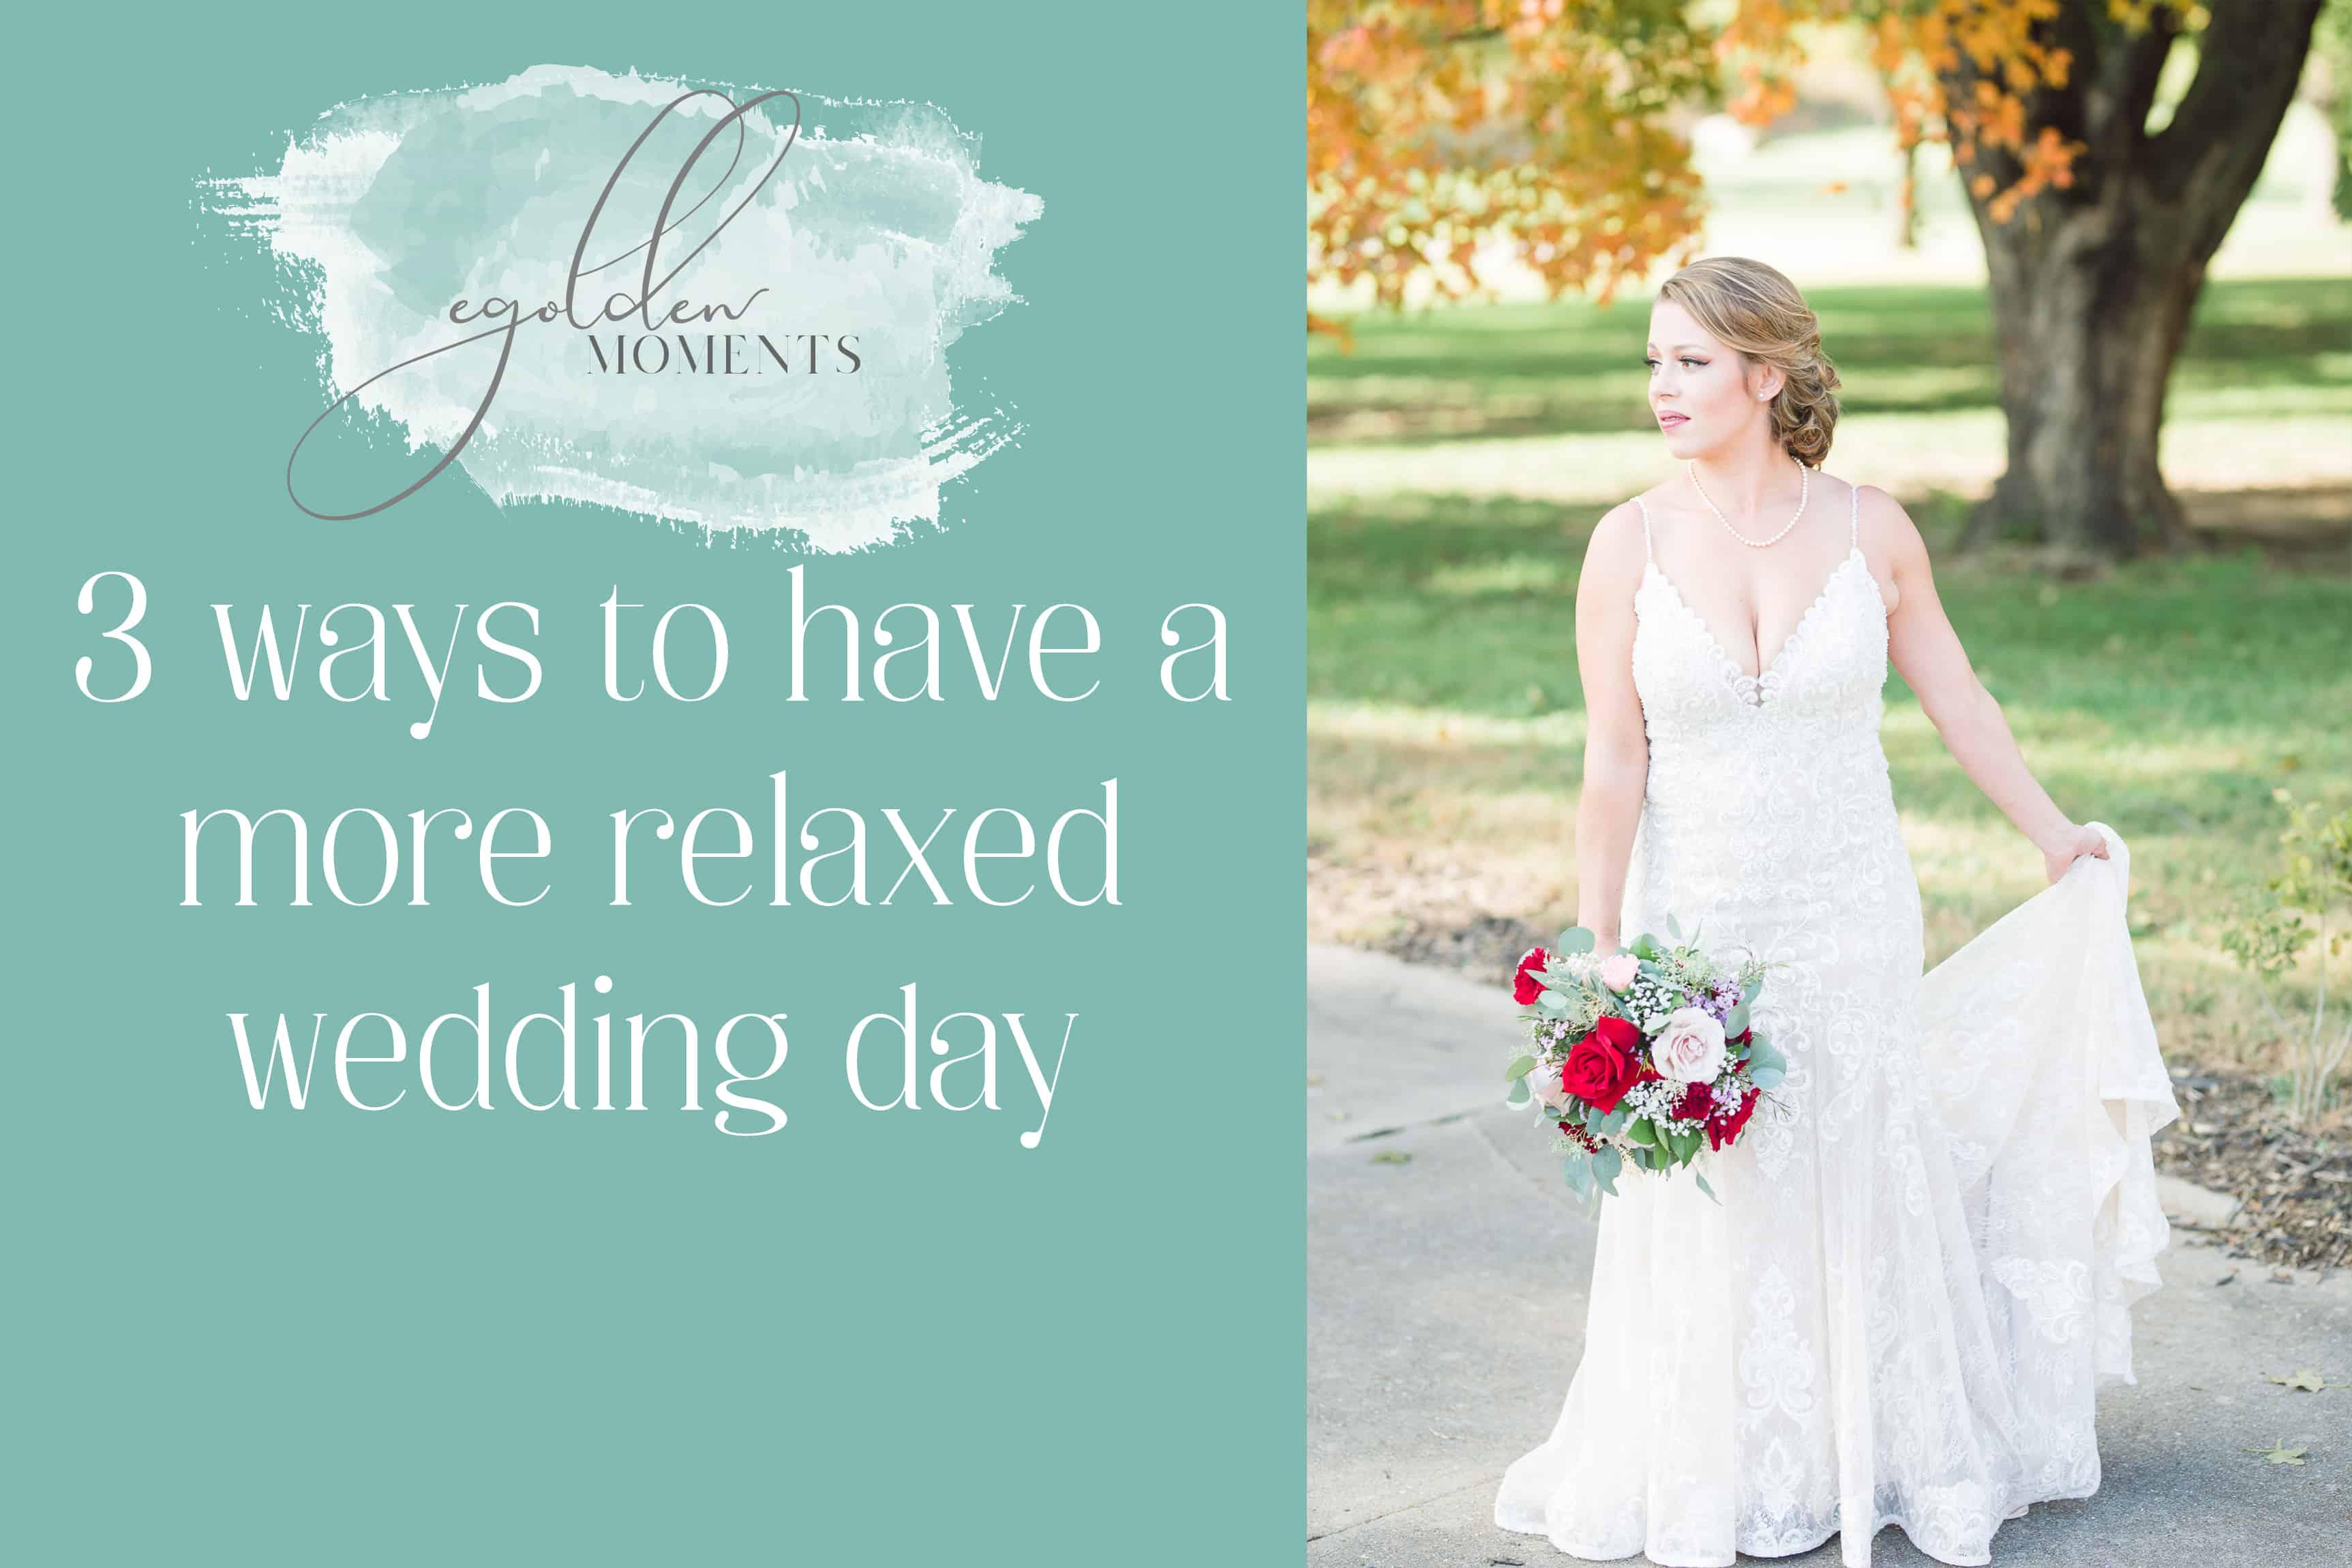 Guarantee a fun wedding day